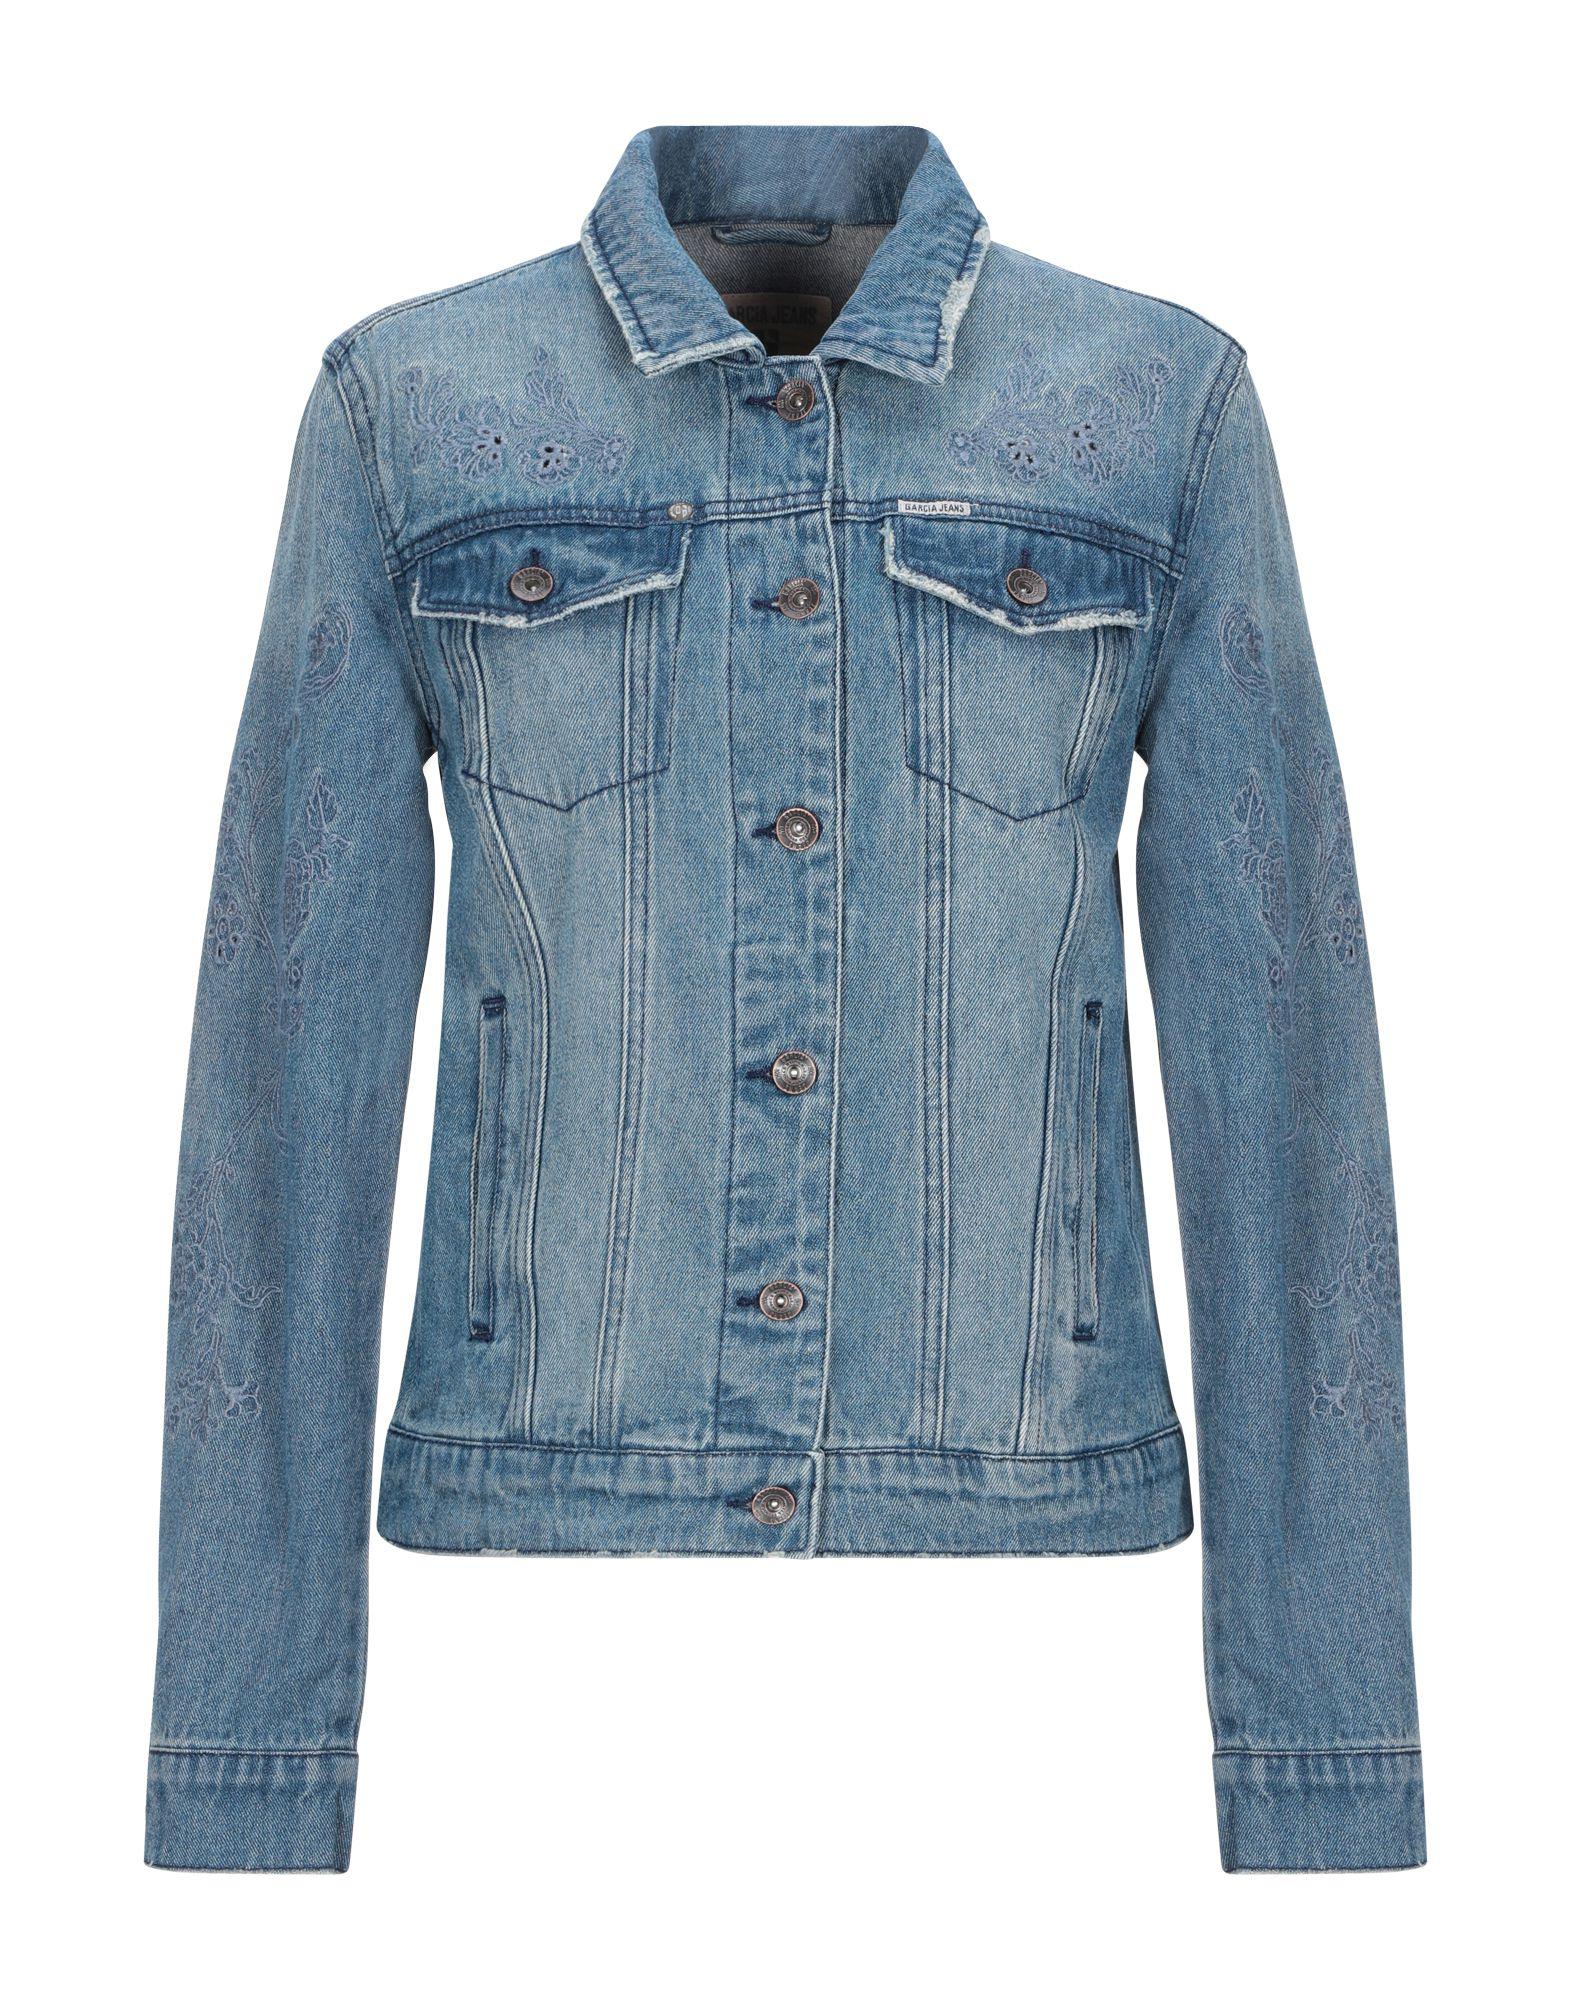 GARCIA Джинсовая верхняя одежда garcia jeans джинсовая верхняя одежда